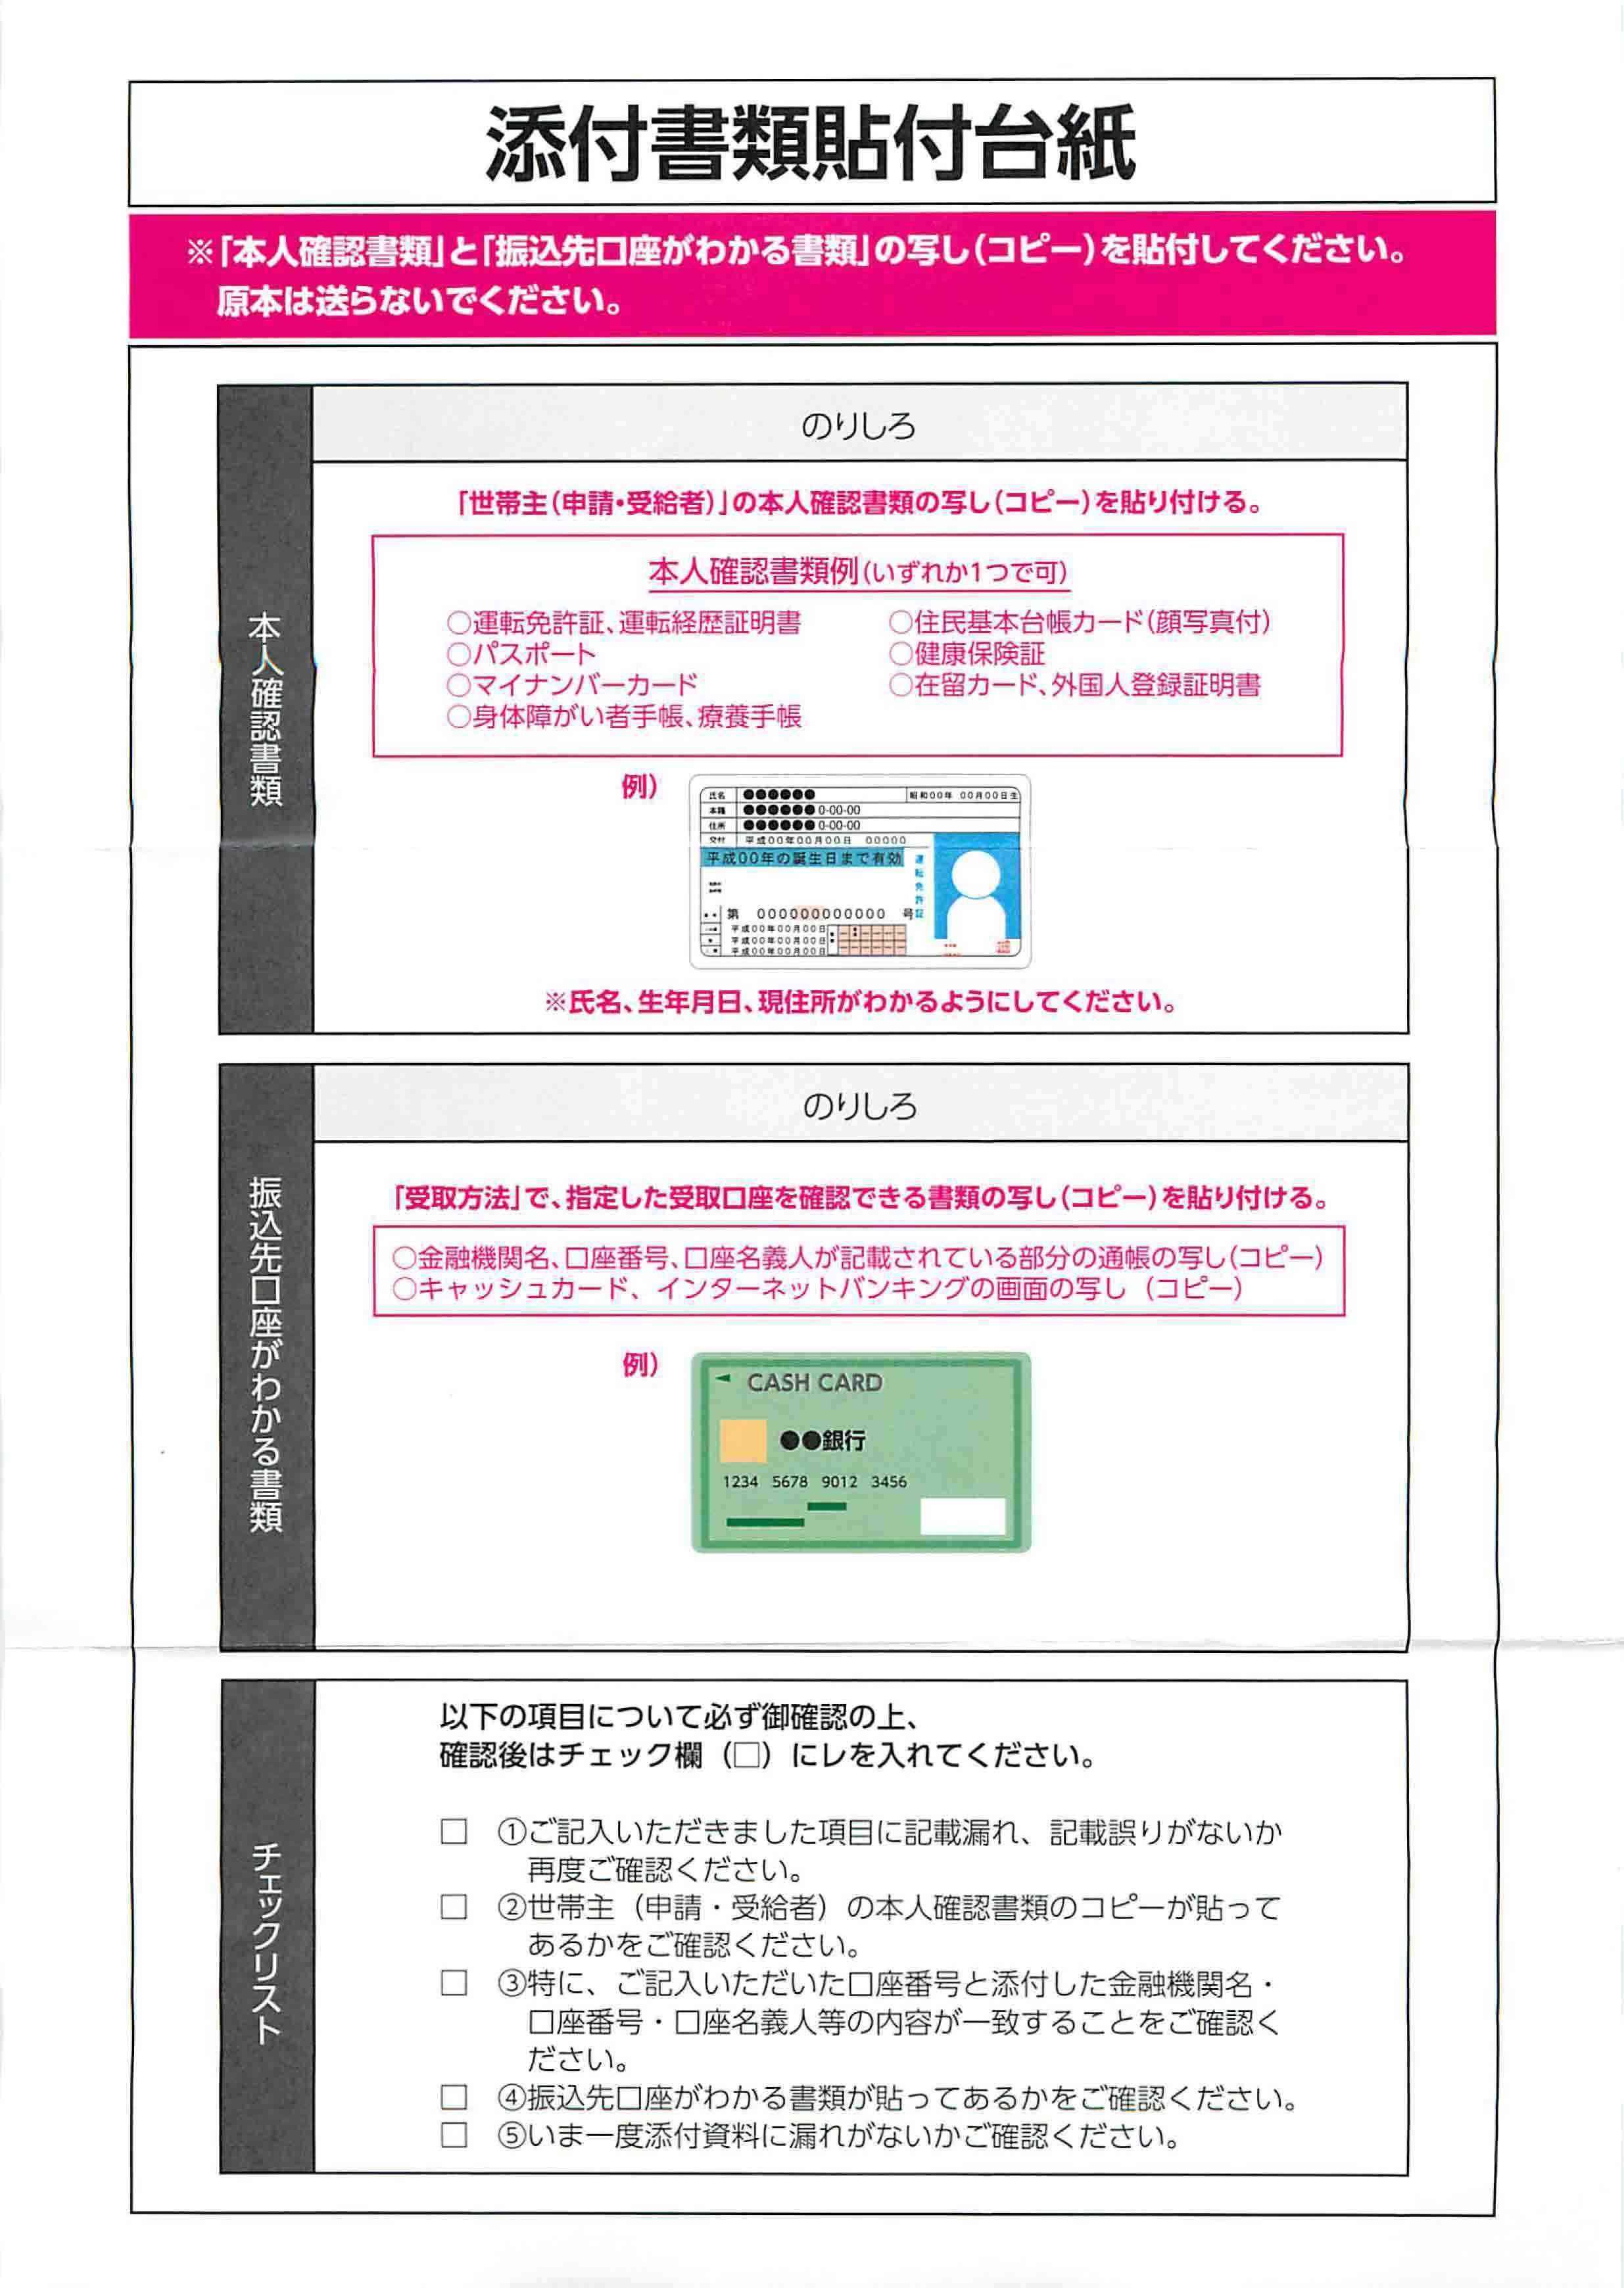 コピー 給付 金 「特別定額給付金」10万円の申請の仕方を具体的に解説